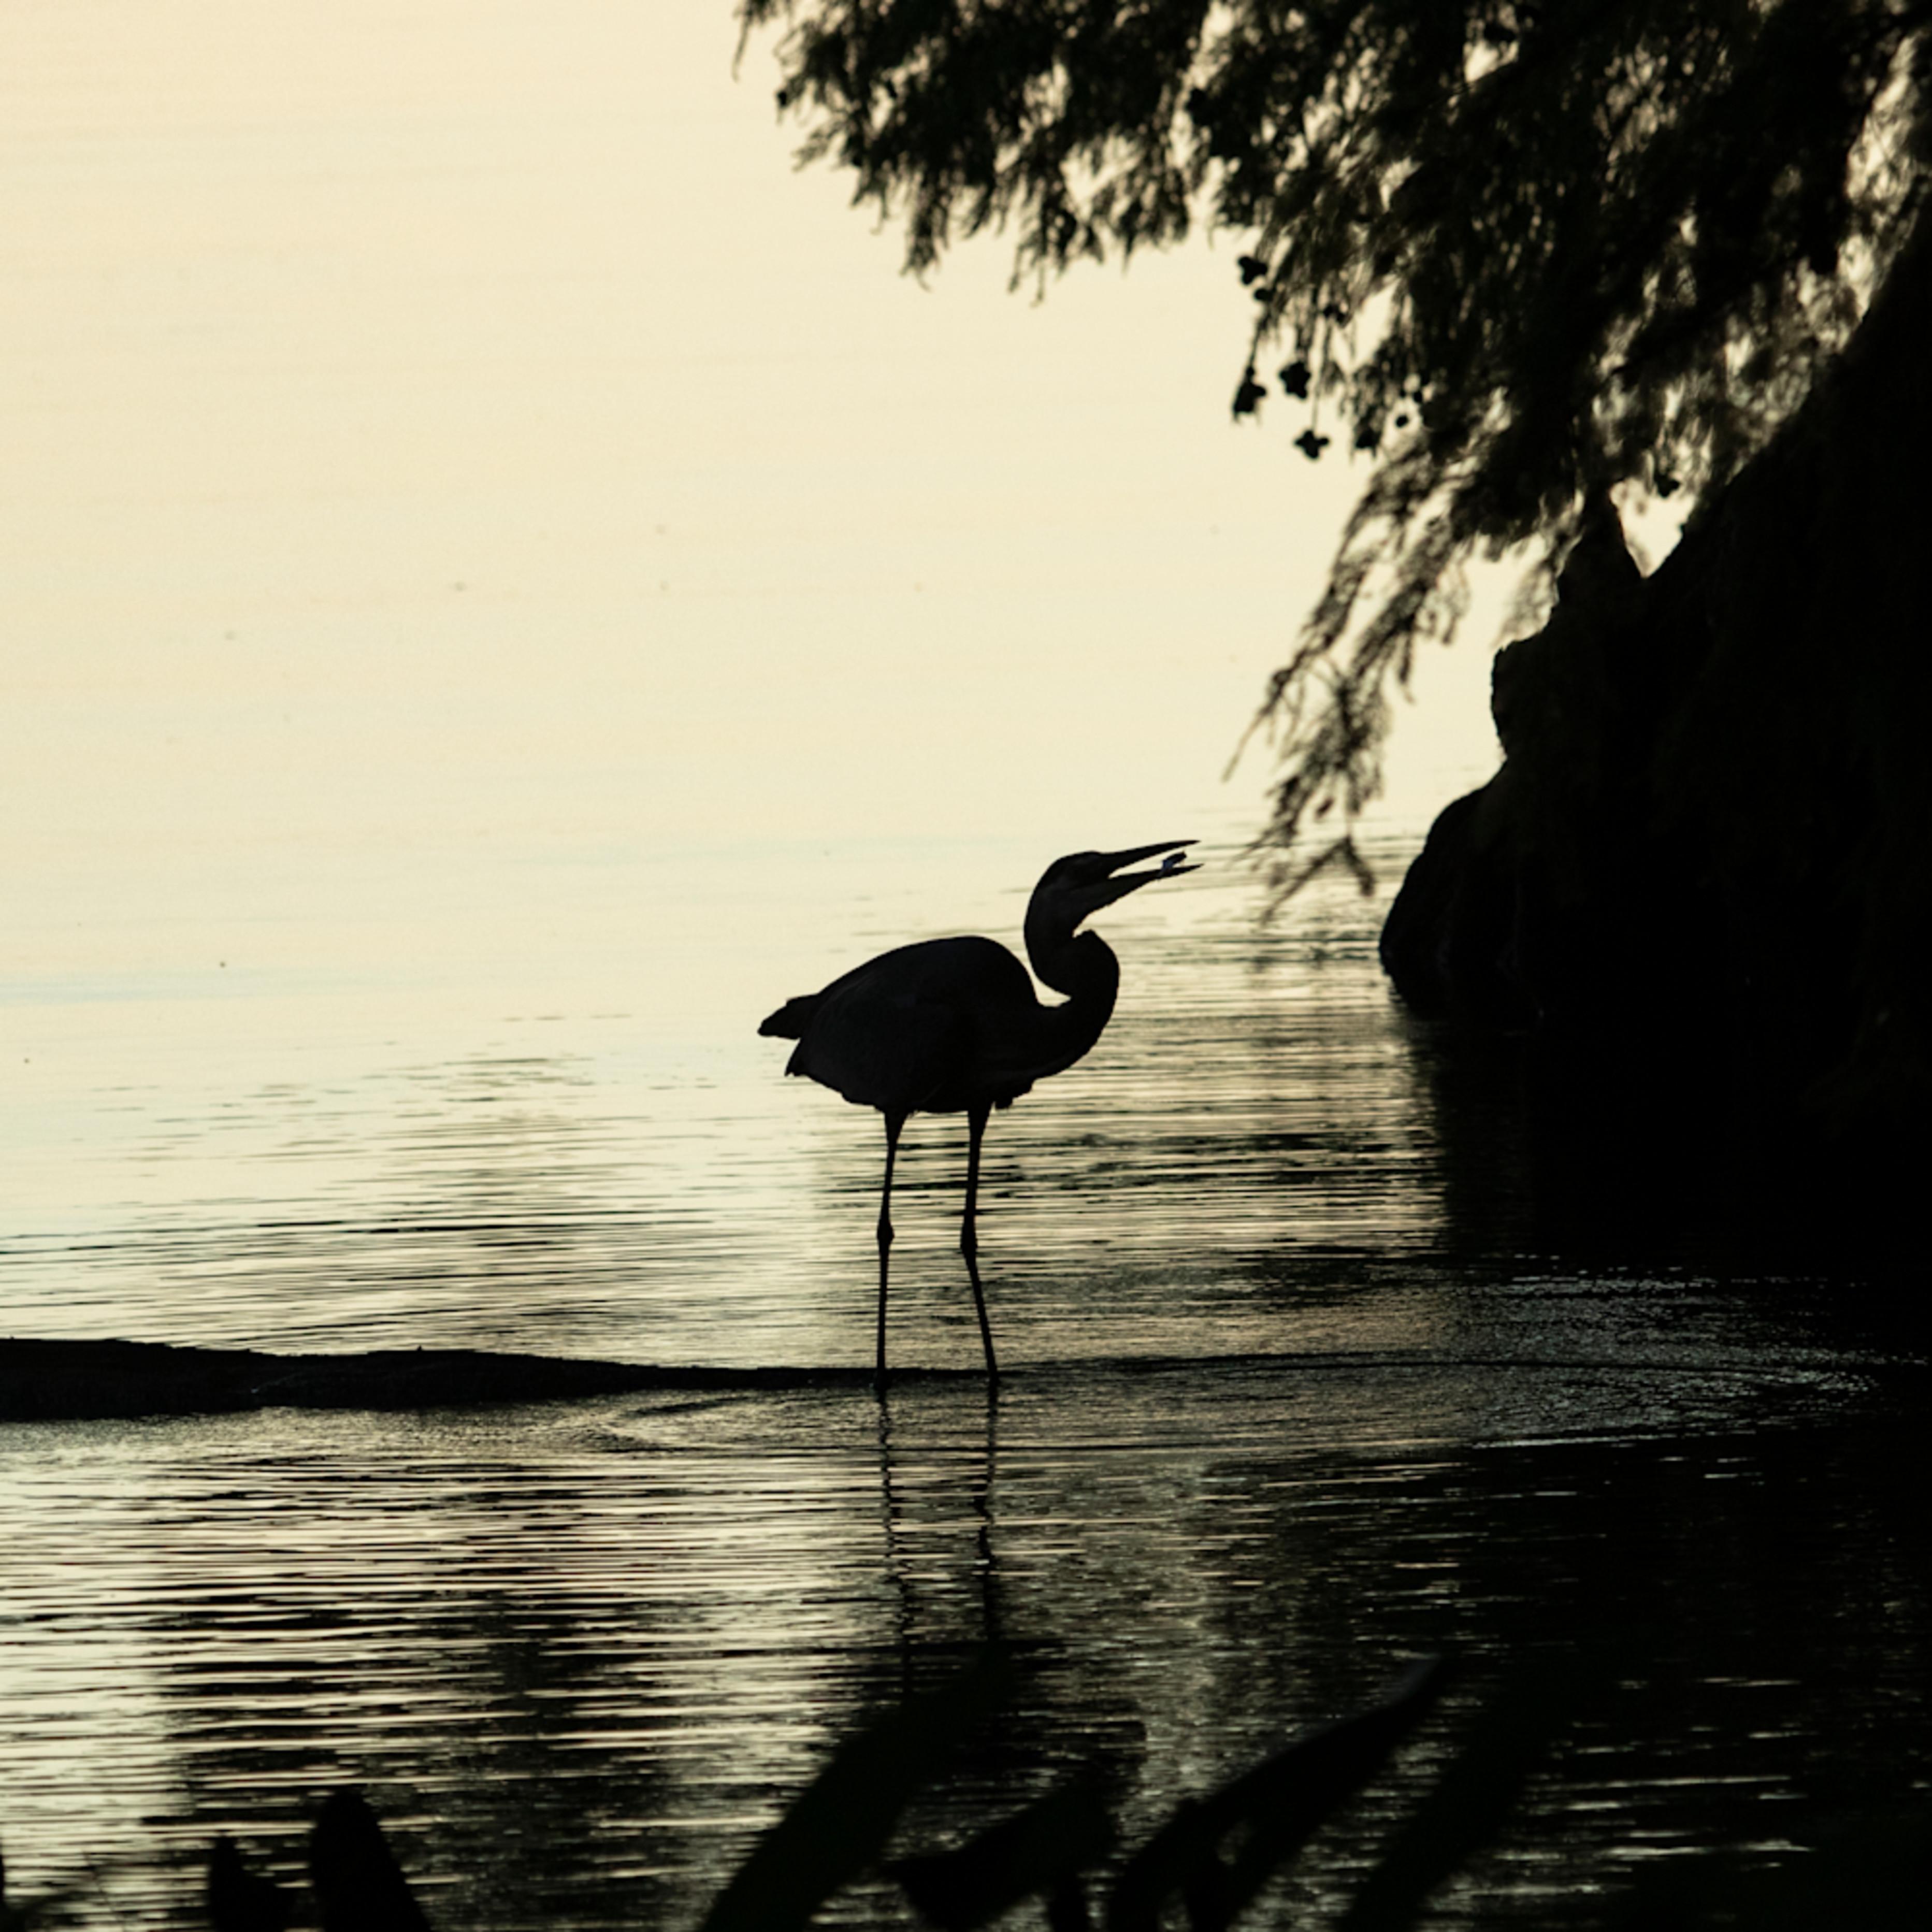 Heron silhouettes mg 7454 srm20 gqwvmn